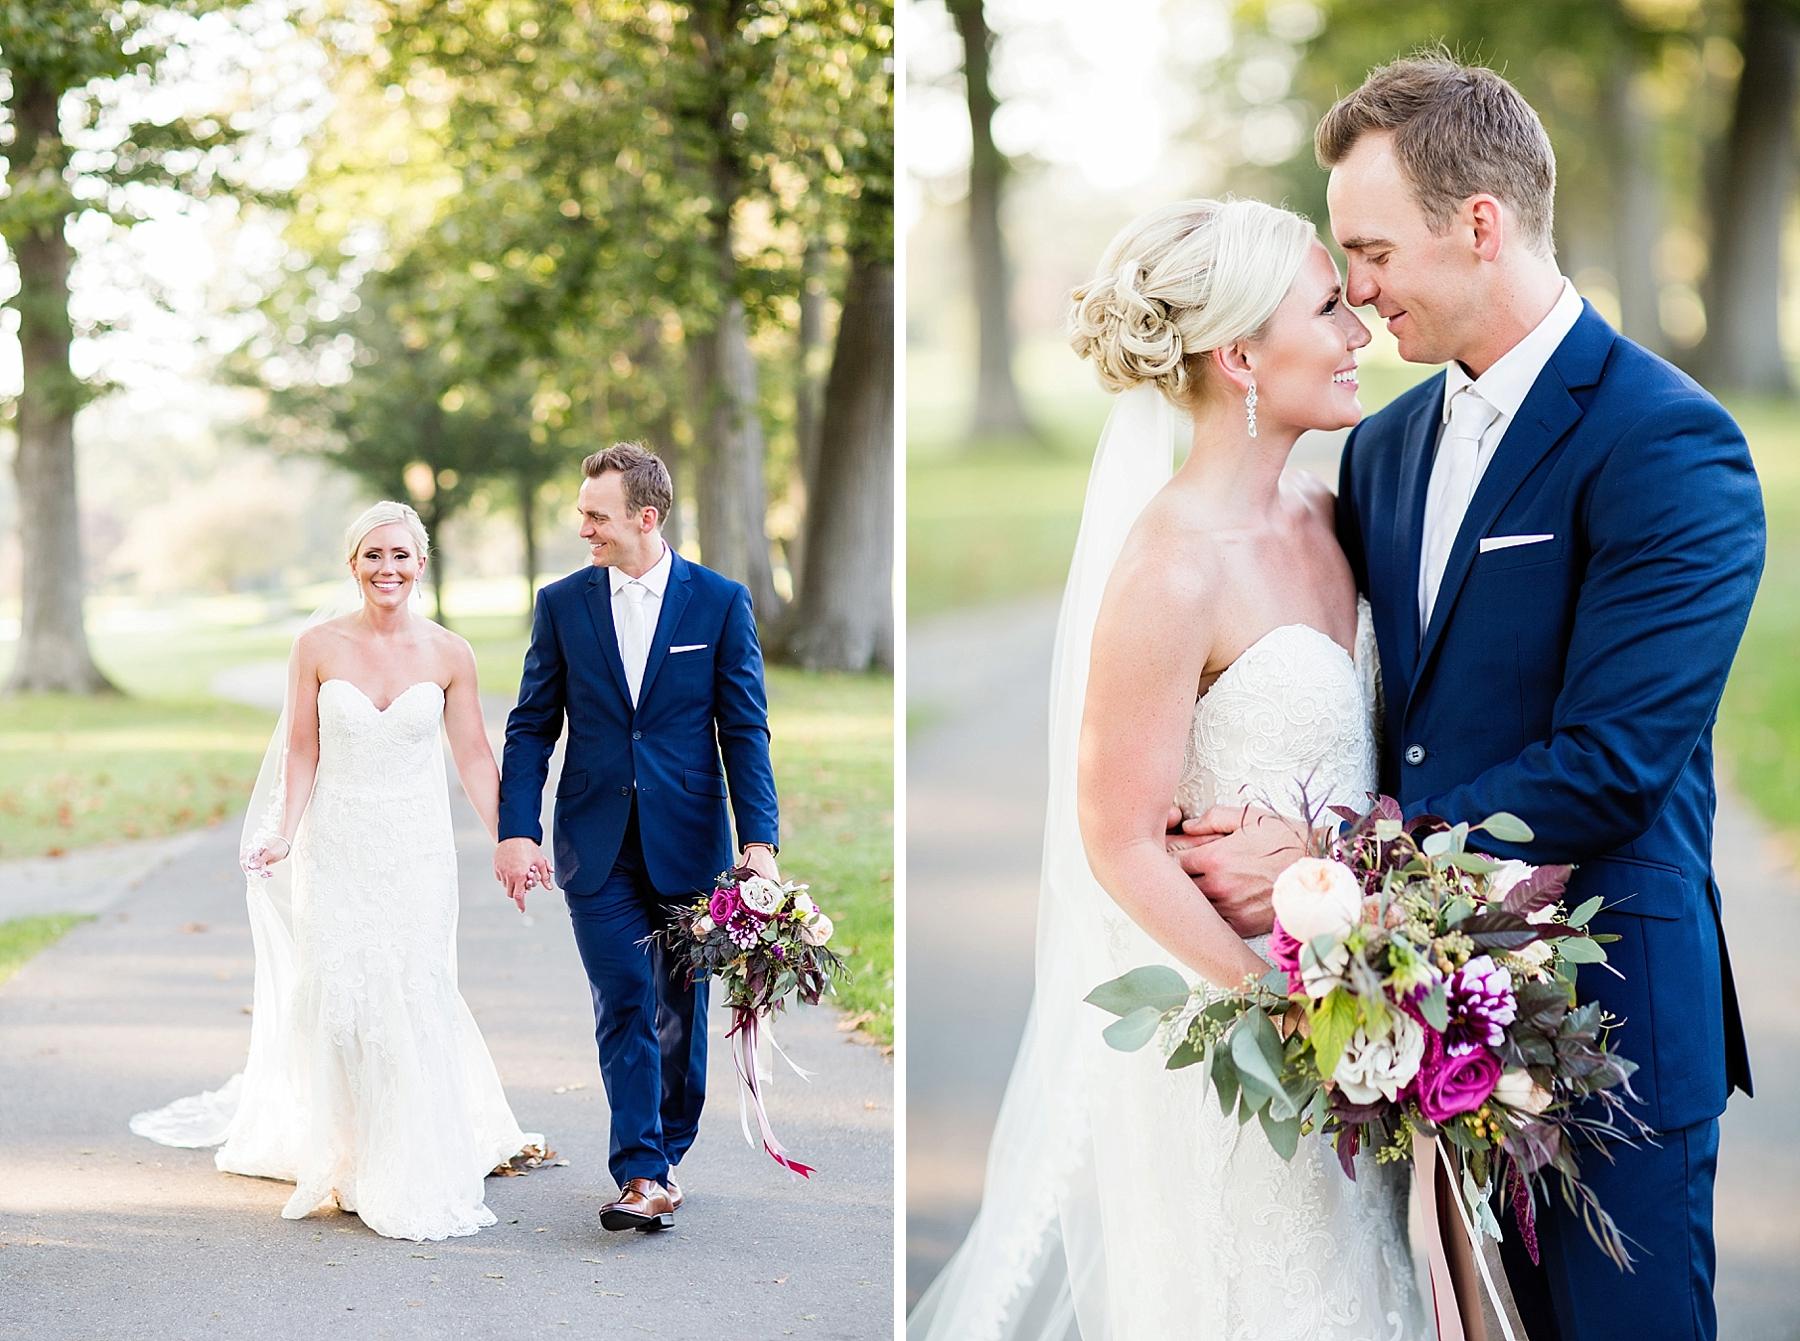 windsor-wedding-photographer-essex-golf-country-club-wedding-eryn-shea-photography_0052.jpg